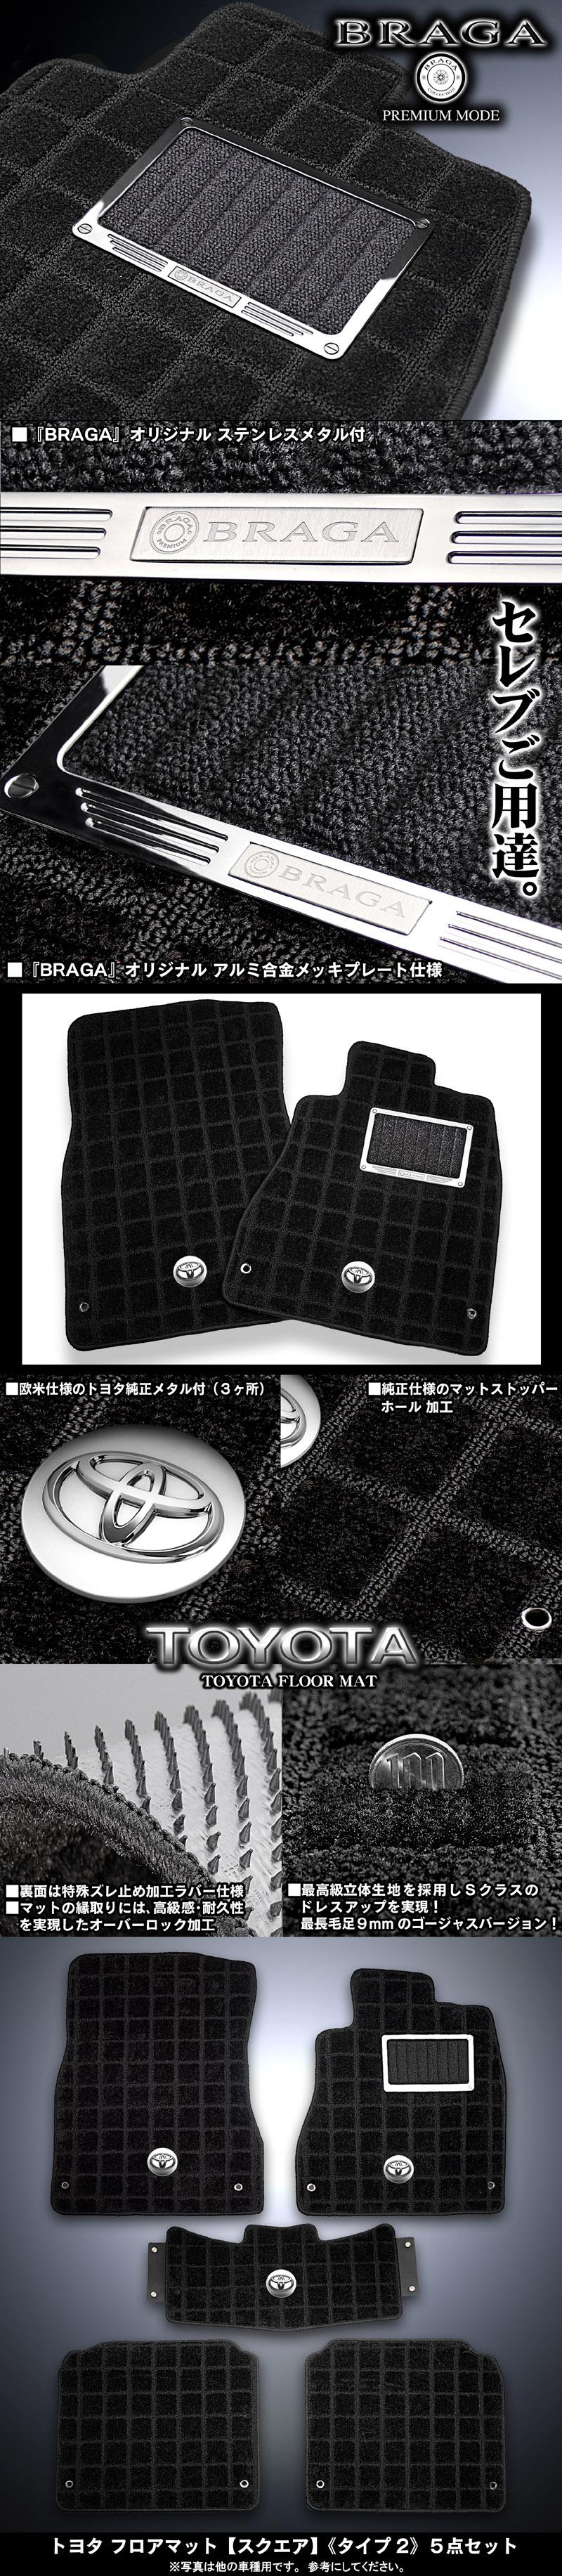 【トヨタ/セダン車】スクエア[タイプ2]ブラック《トヨタメタル3個+メッキプレート付》フロアマット5点セット